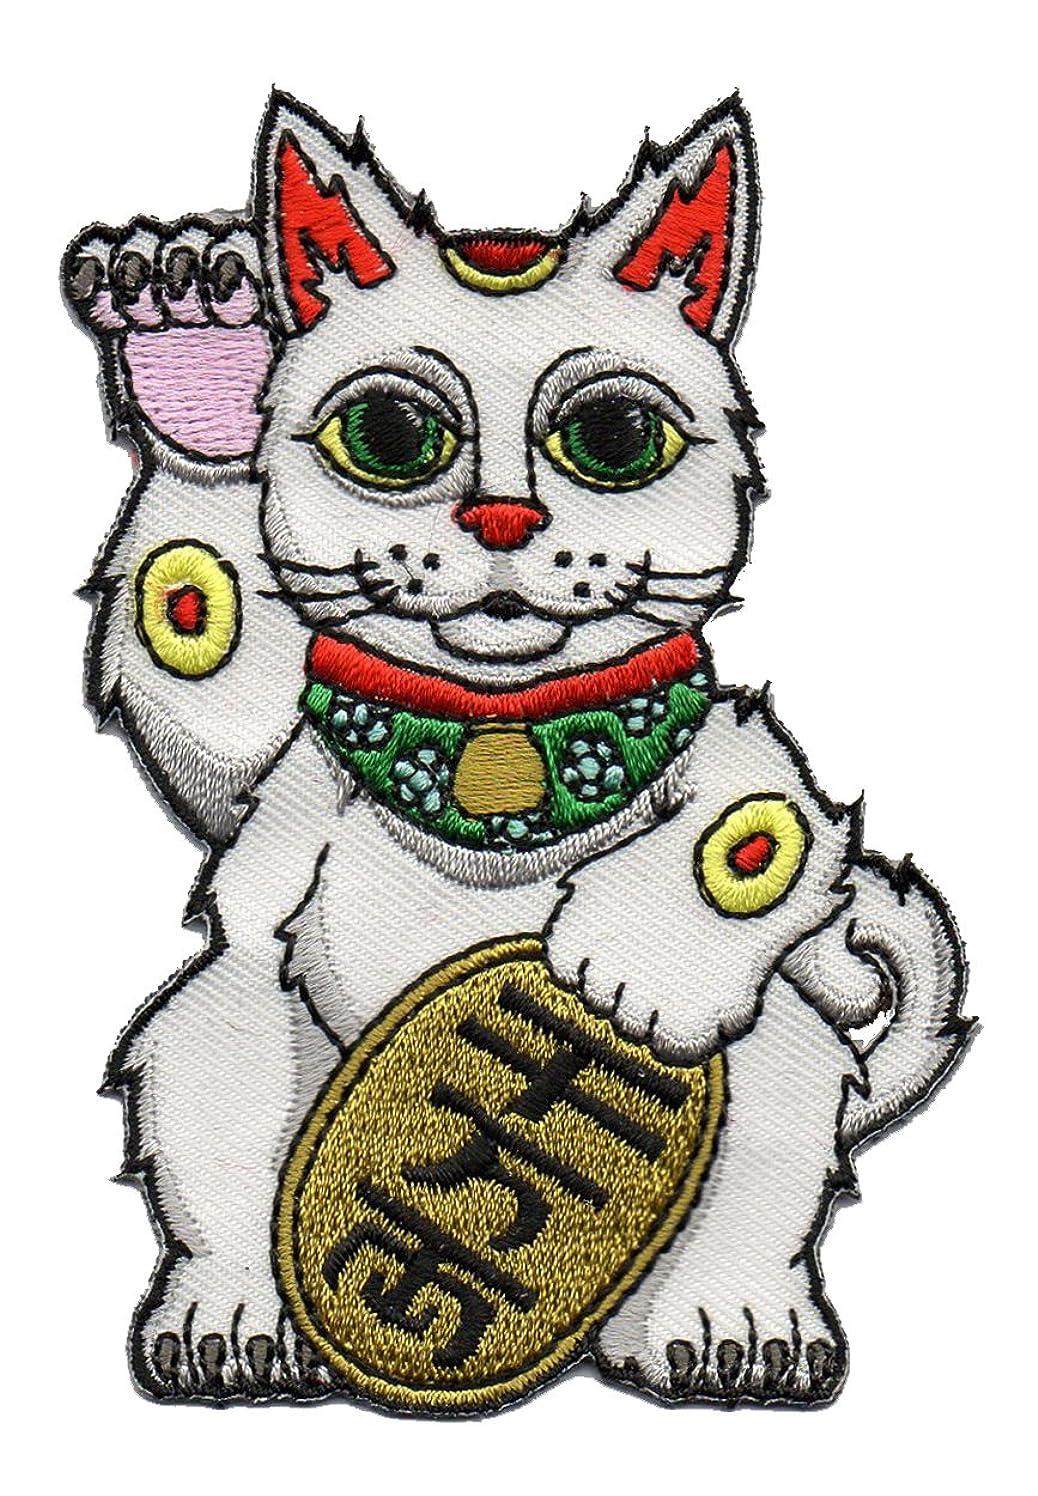 Good Luck Lucky Cat Maneki-Neko - Embroidered Patch Applique